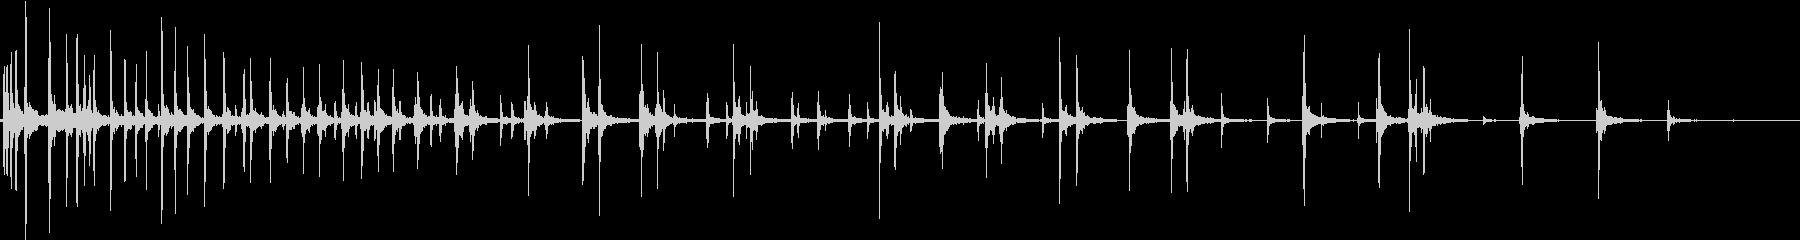 【生録音】絞めつける音 1の未再生の波形